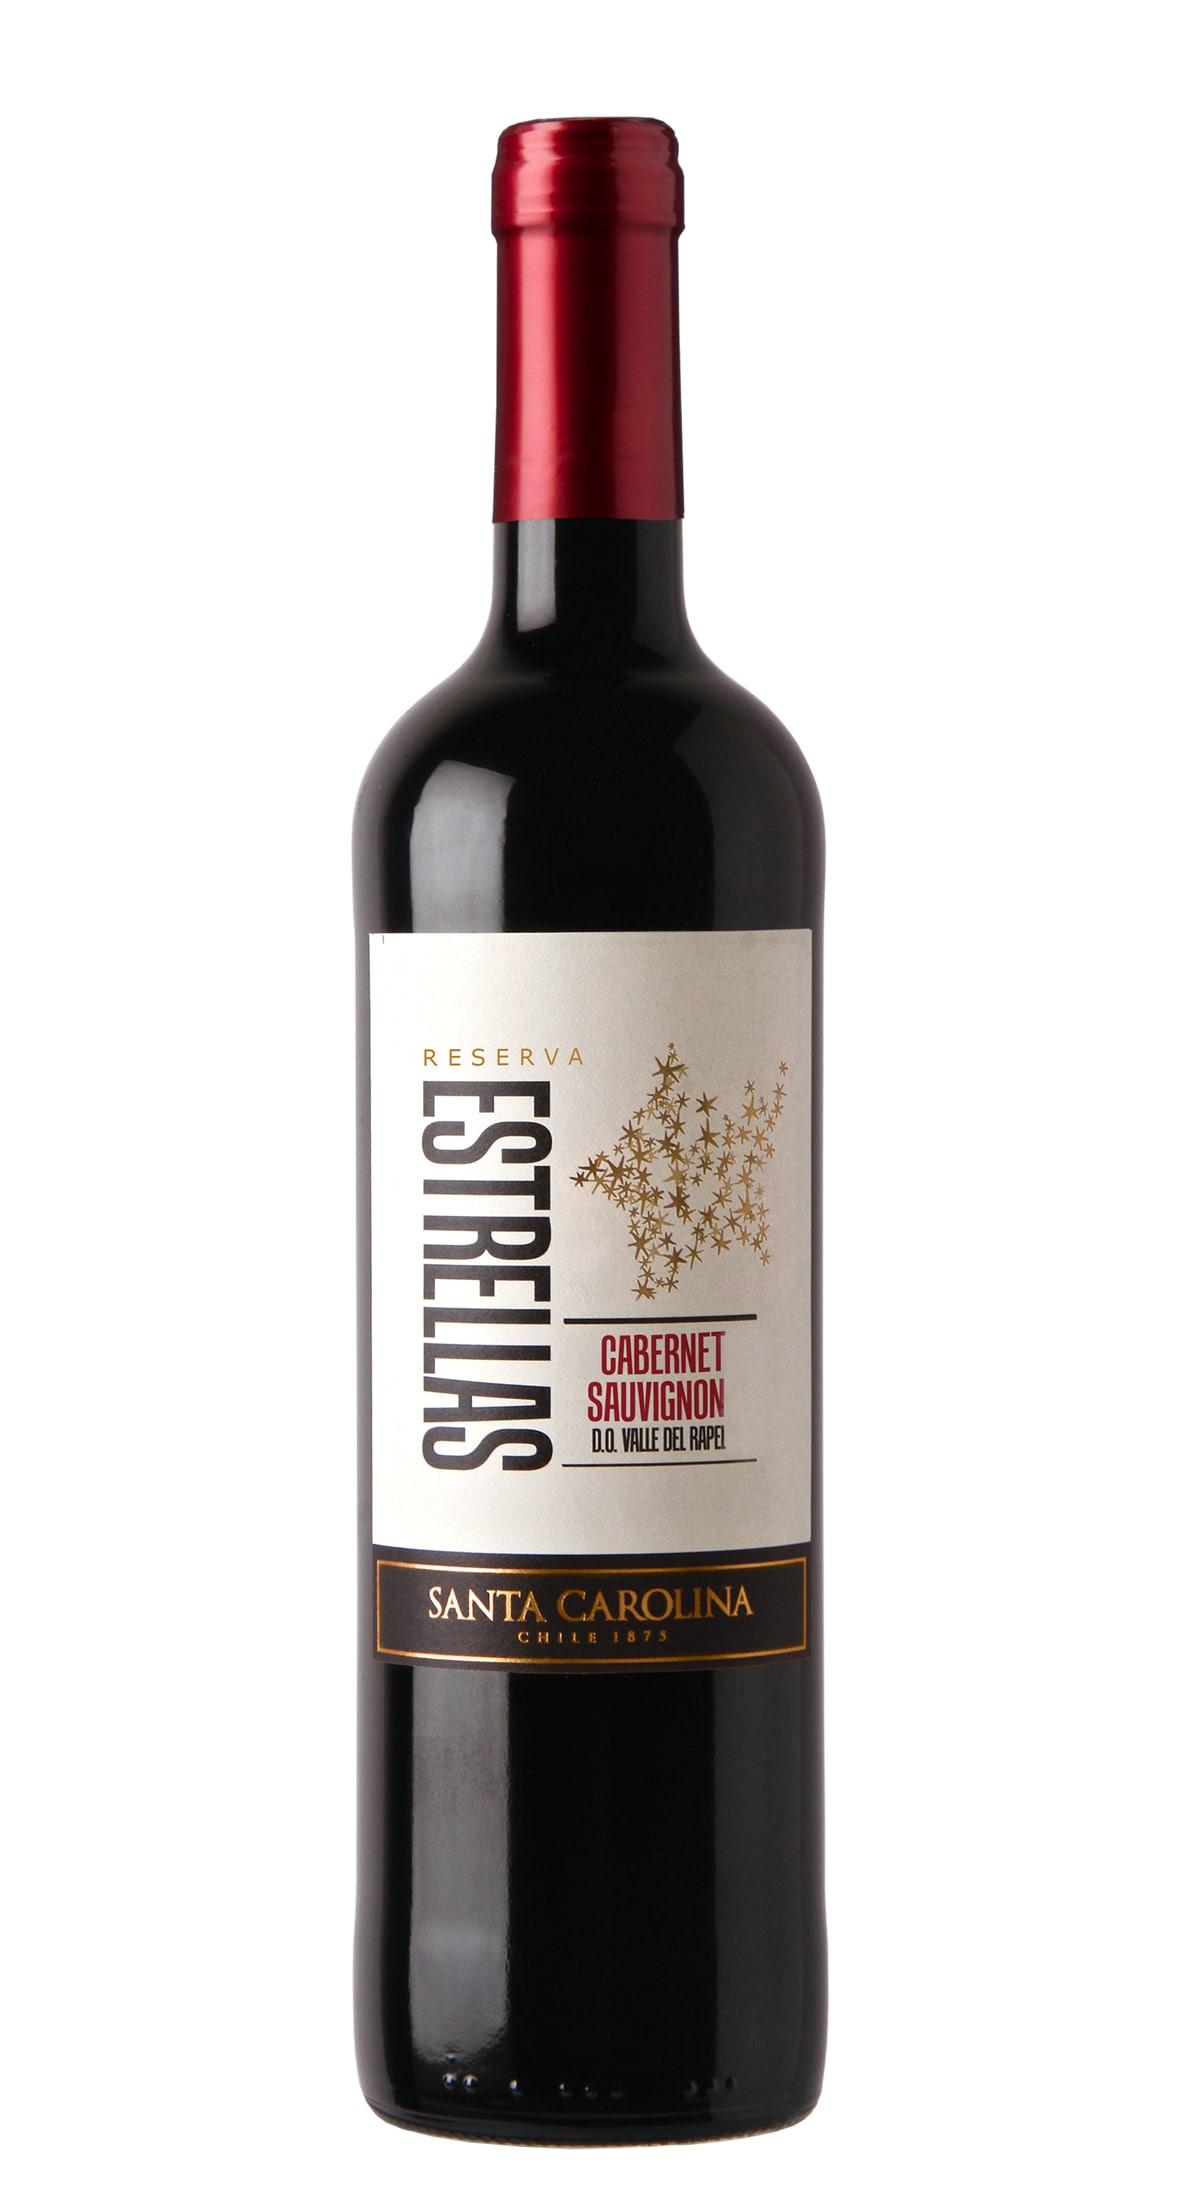 Santa Carolina Estrellas Cabernet Sauvignon 2018